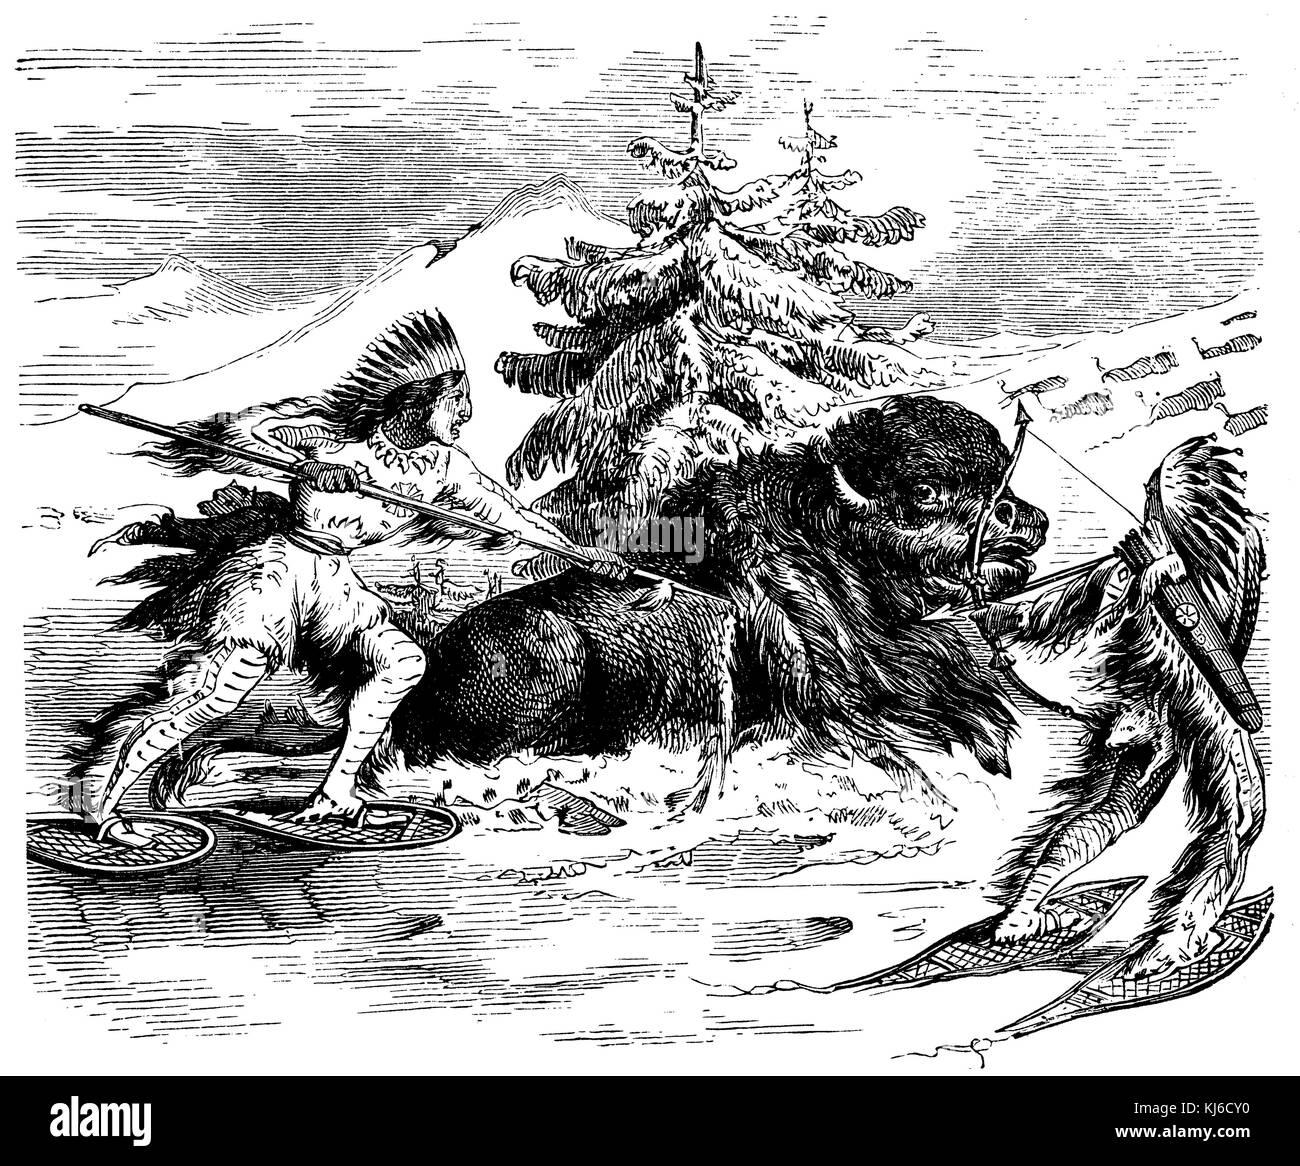 Il bufalo indiano hunt in inverno (indianische büffeljagd im inverno) Immagini Stock